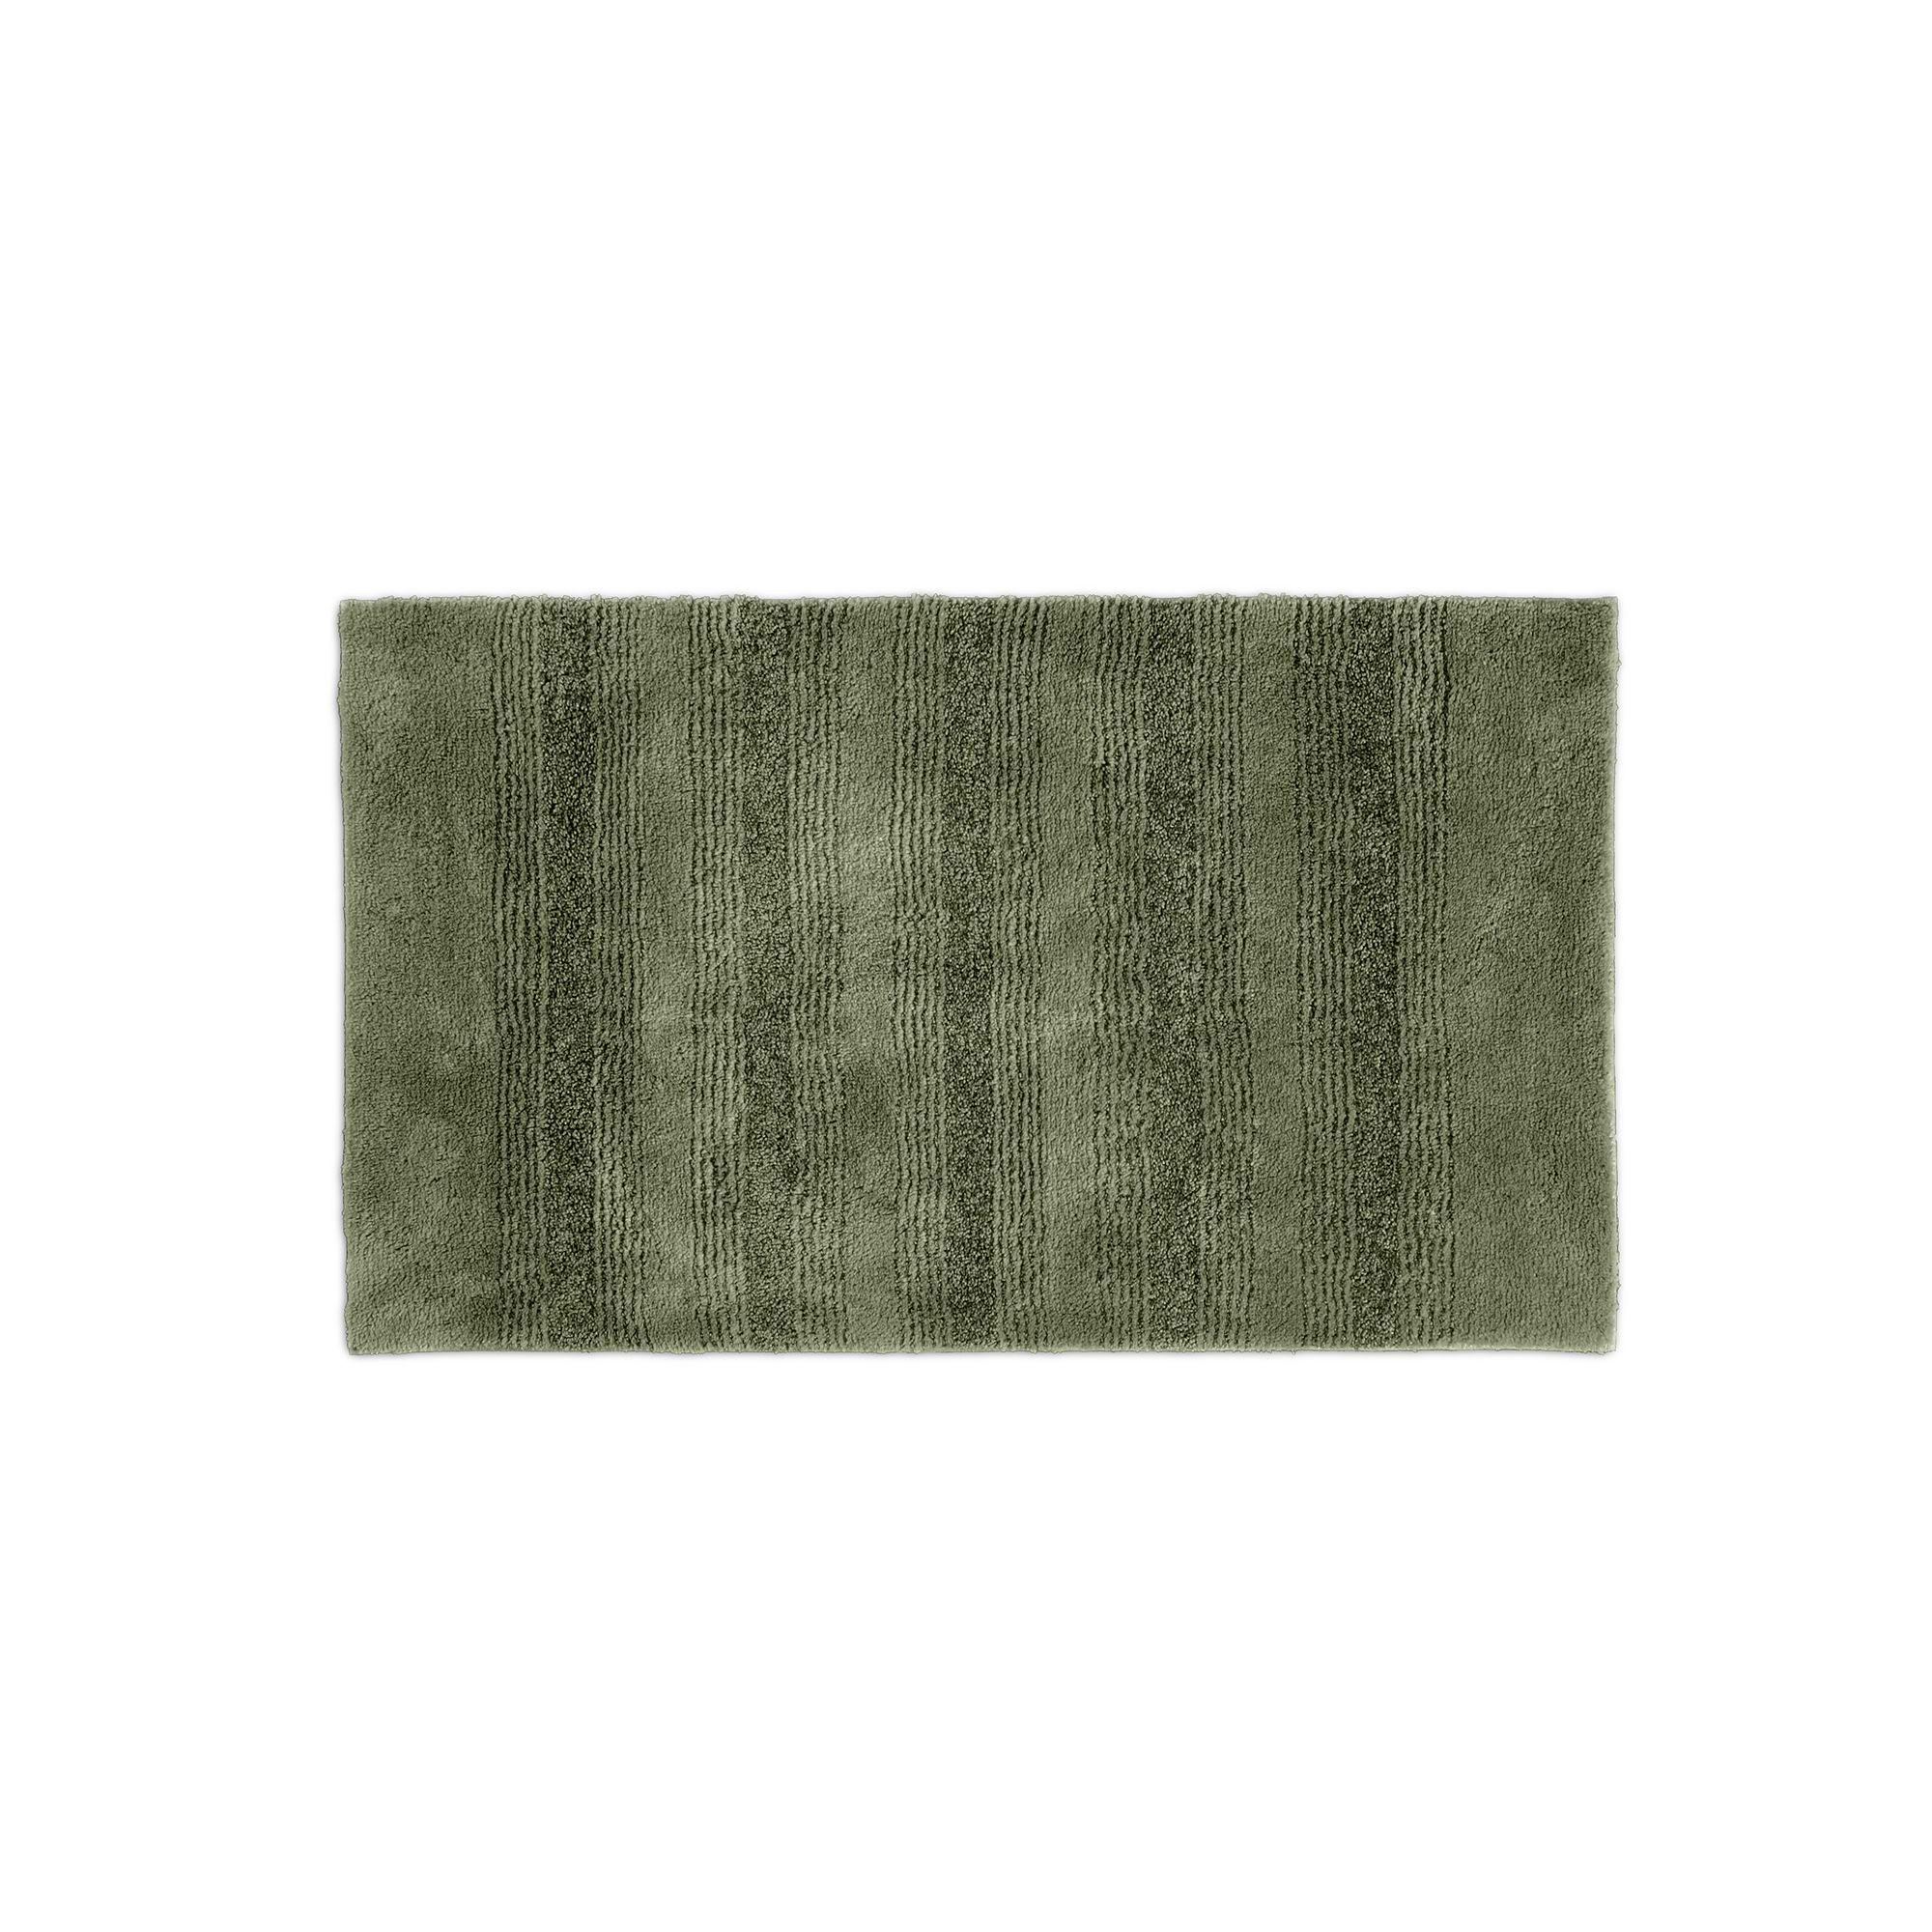 Garland Rug Enclave Bath Rug 24 X 40 Green Bath Rug